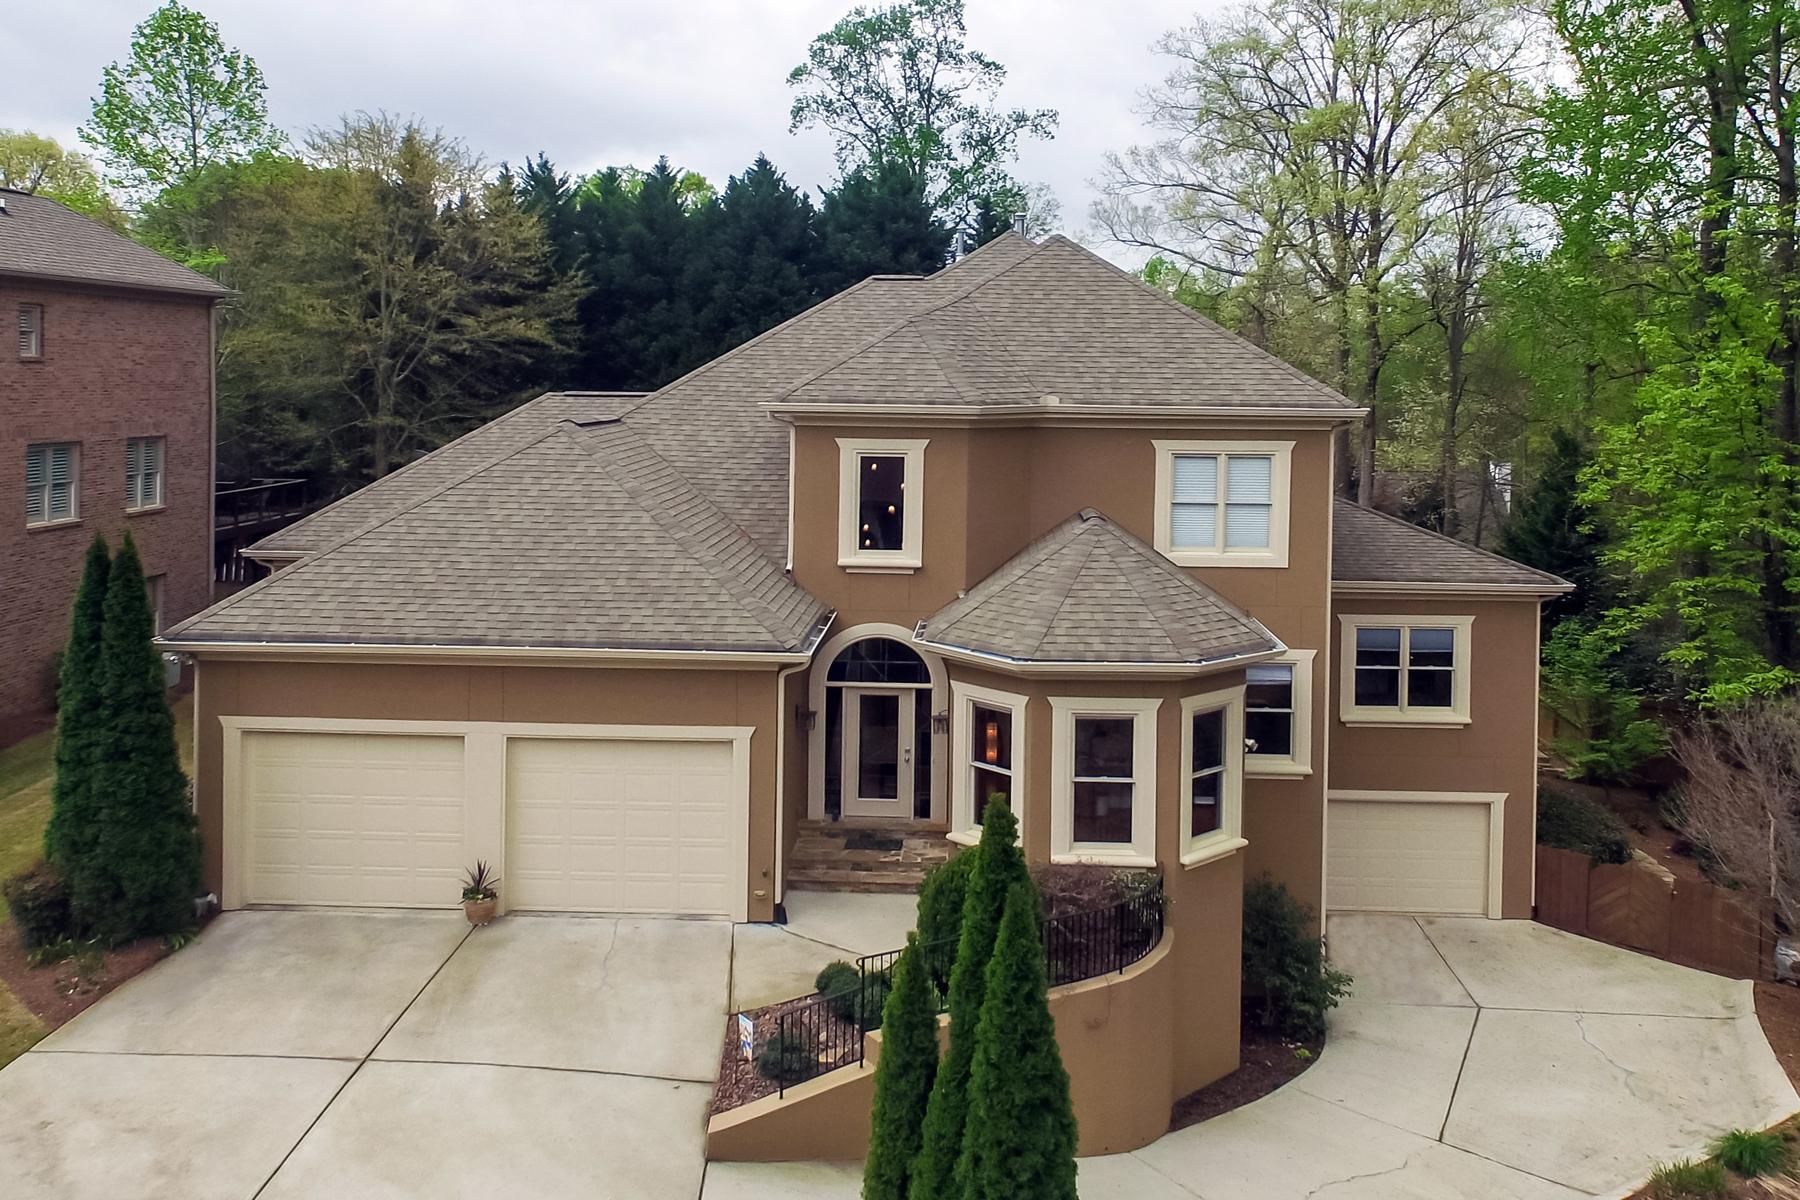 단독 가정 주택 용 매매 에 Exquisite Light Filled Custom Built Home 1225 Brooke Greene NE Atlanta, 조지아, 30319 미국